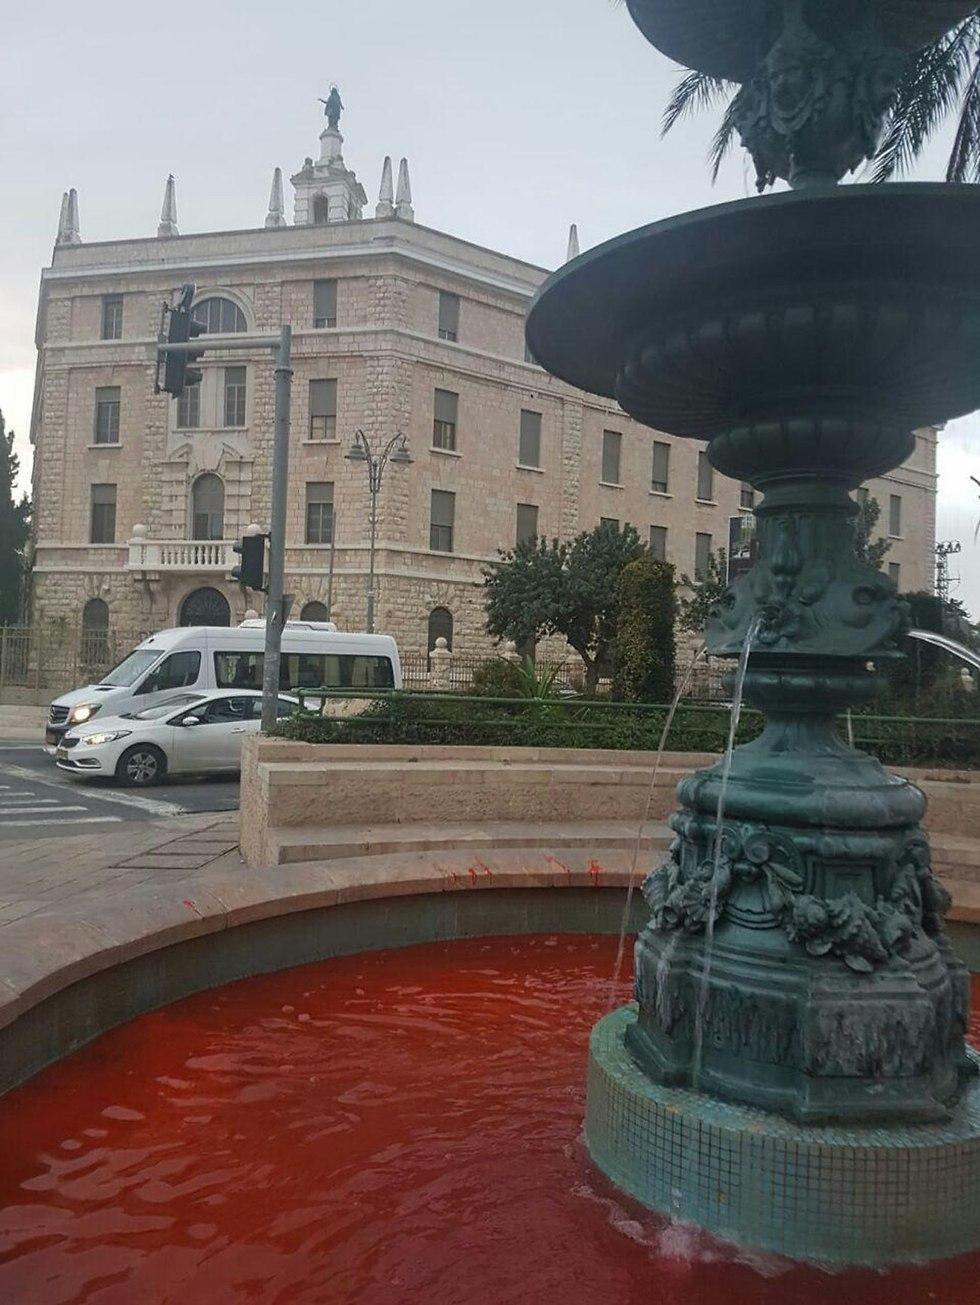 מזרקה בכיכר פריז בירושלים מלאה במים אדומים כמחאה באלימות נשים (צילום: פעילות לוט